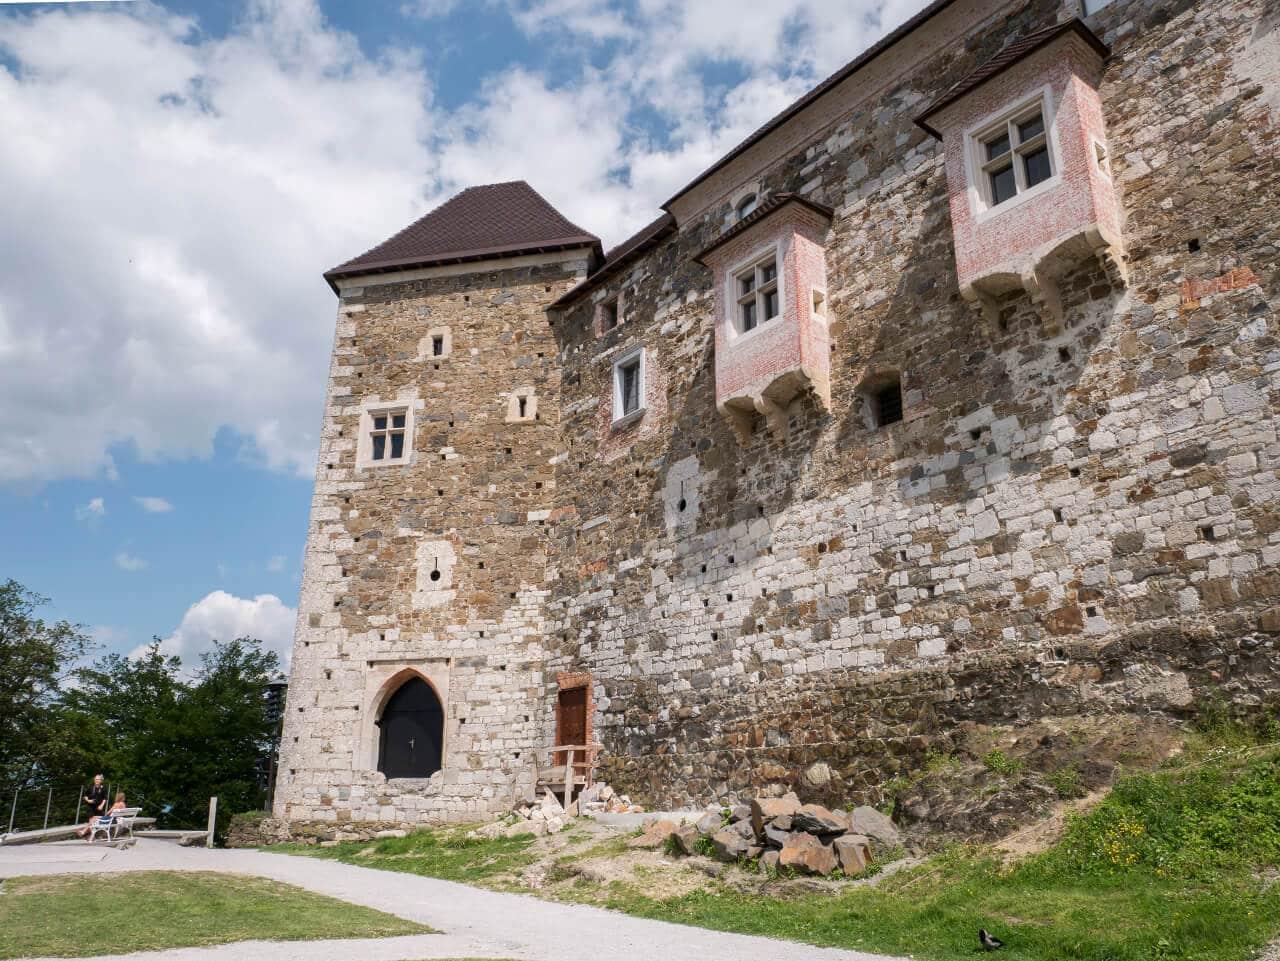 Zamek w Lublanie (Słowenia)